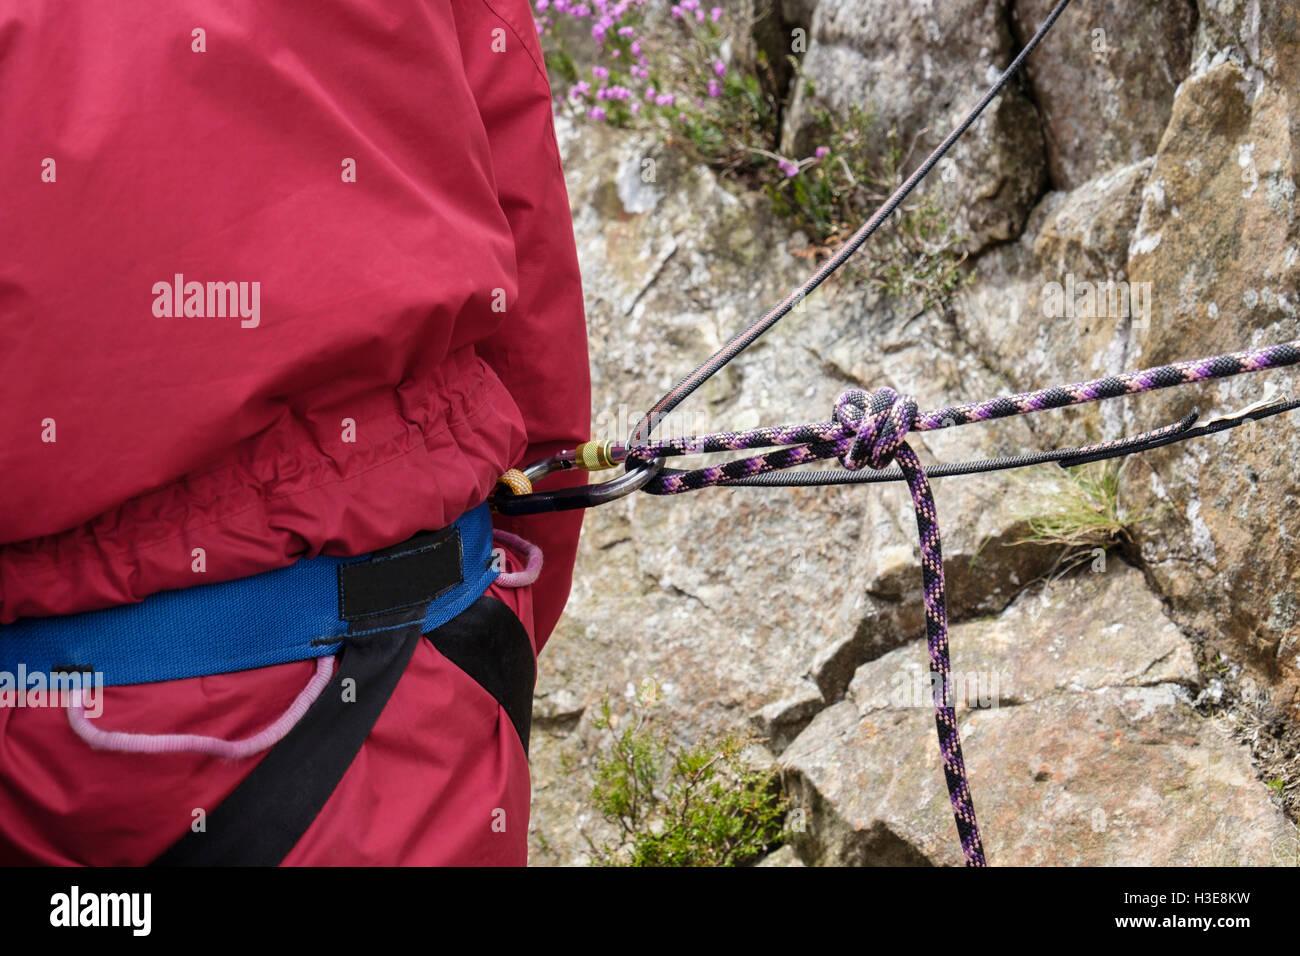 Klettergurt Aus Seil : Rock kletterers stand an der spitze zu klettern mit seil und